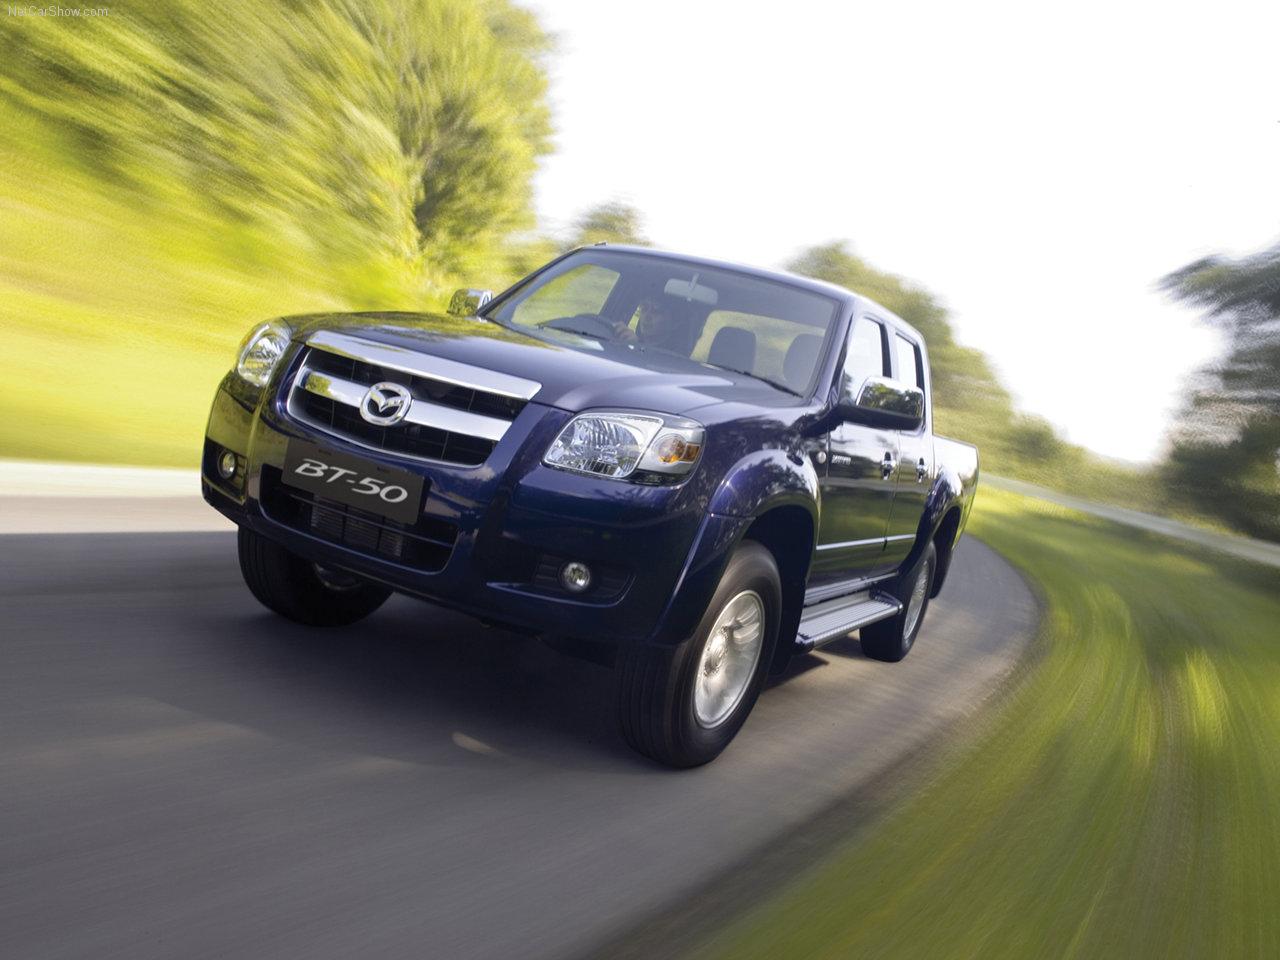 http://4.bp.blogspot.com/_3V1YR3u6VBg/TAdRJJvlkEI/AAAAAAAACew/zxf3jMroVfU/s1600/Mazda-BT-50_2006_1280x960_wallpaper_04.jpg